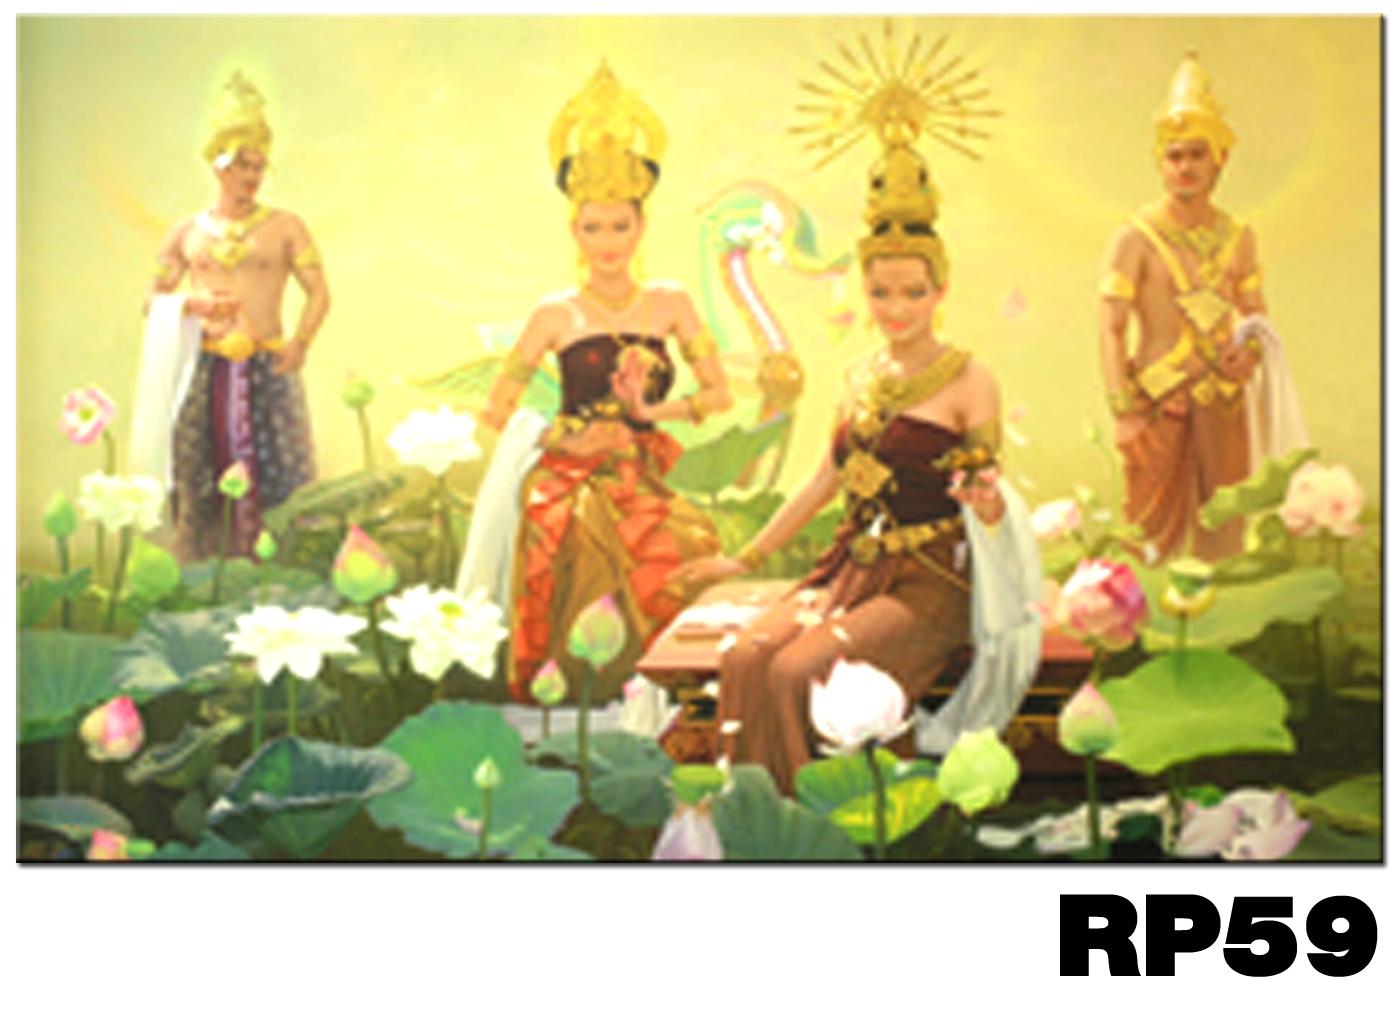 ภาพสำหรับประดับตกแต่งบ้าน ร้านสปา คอนโด โรงแรม รีสอร์ท RP - 59